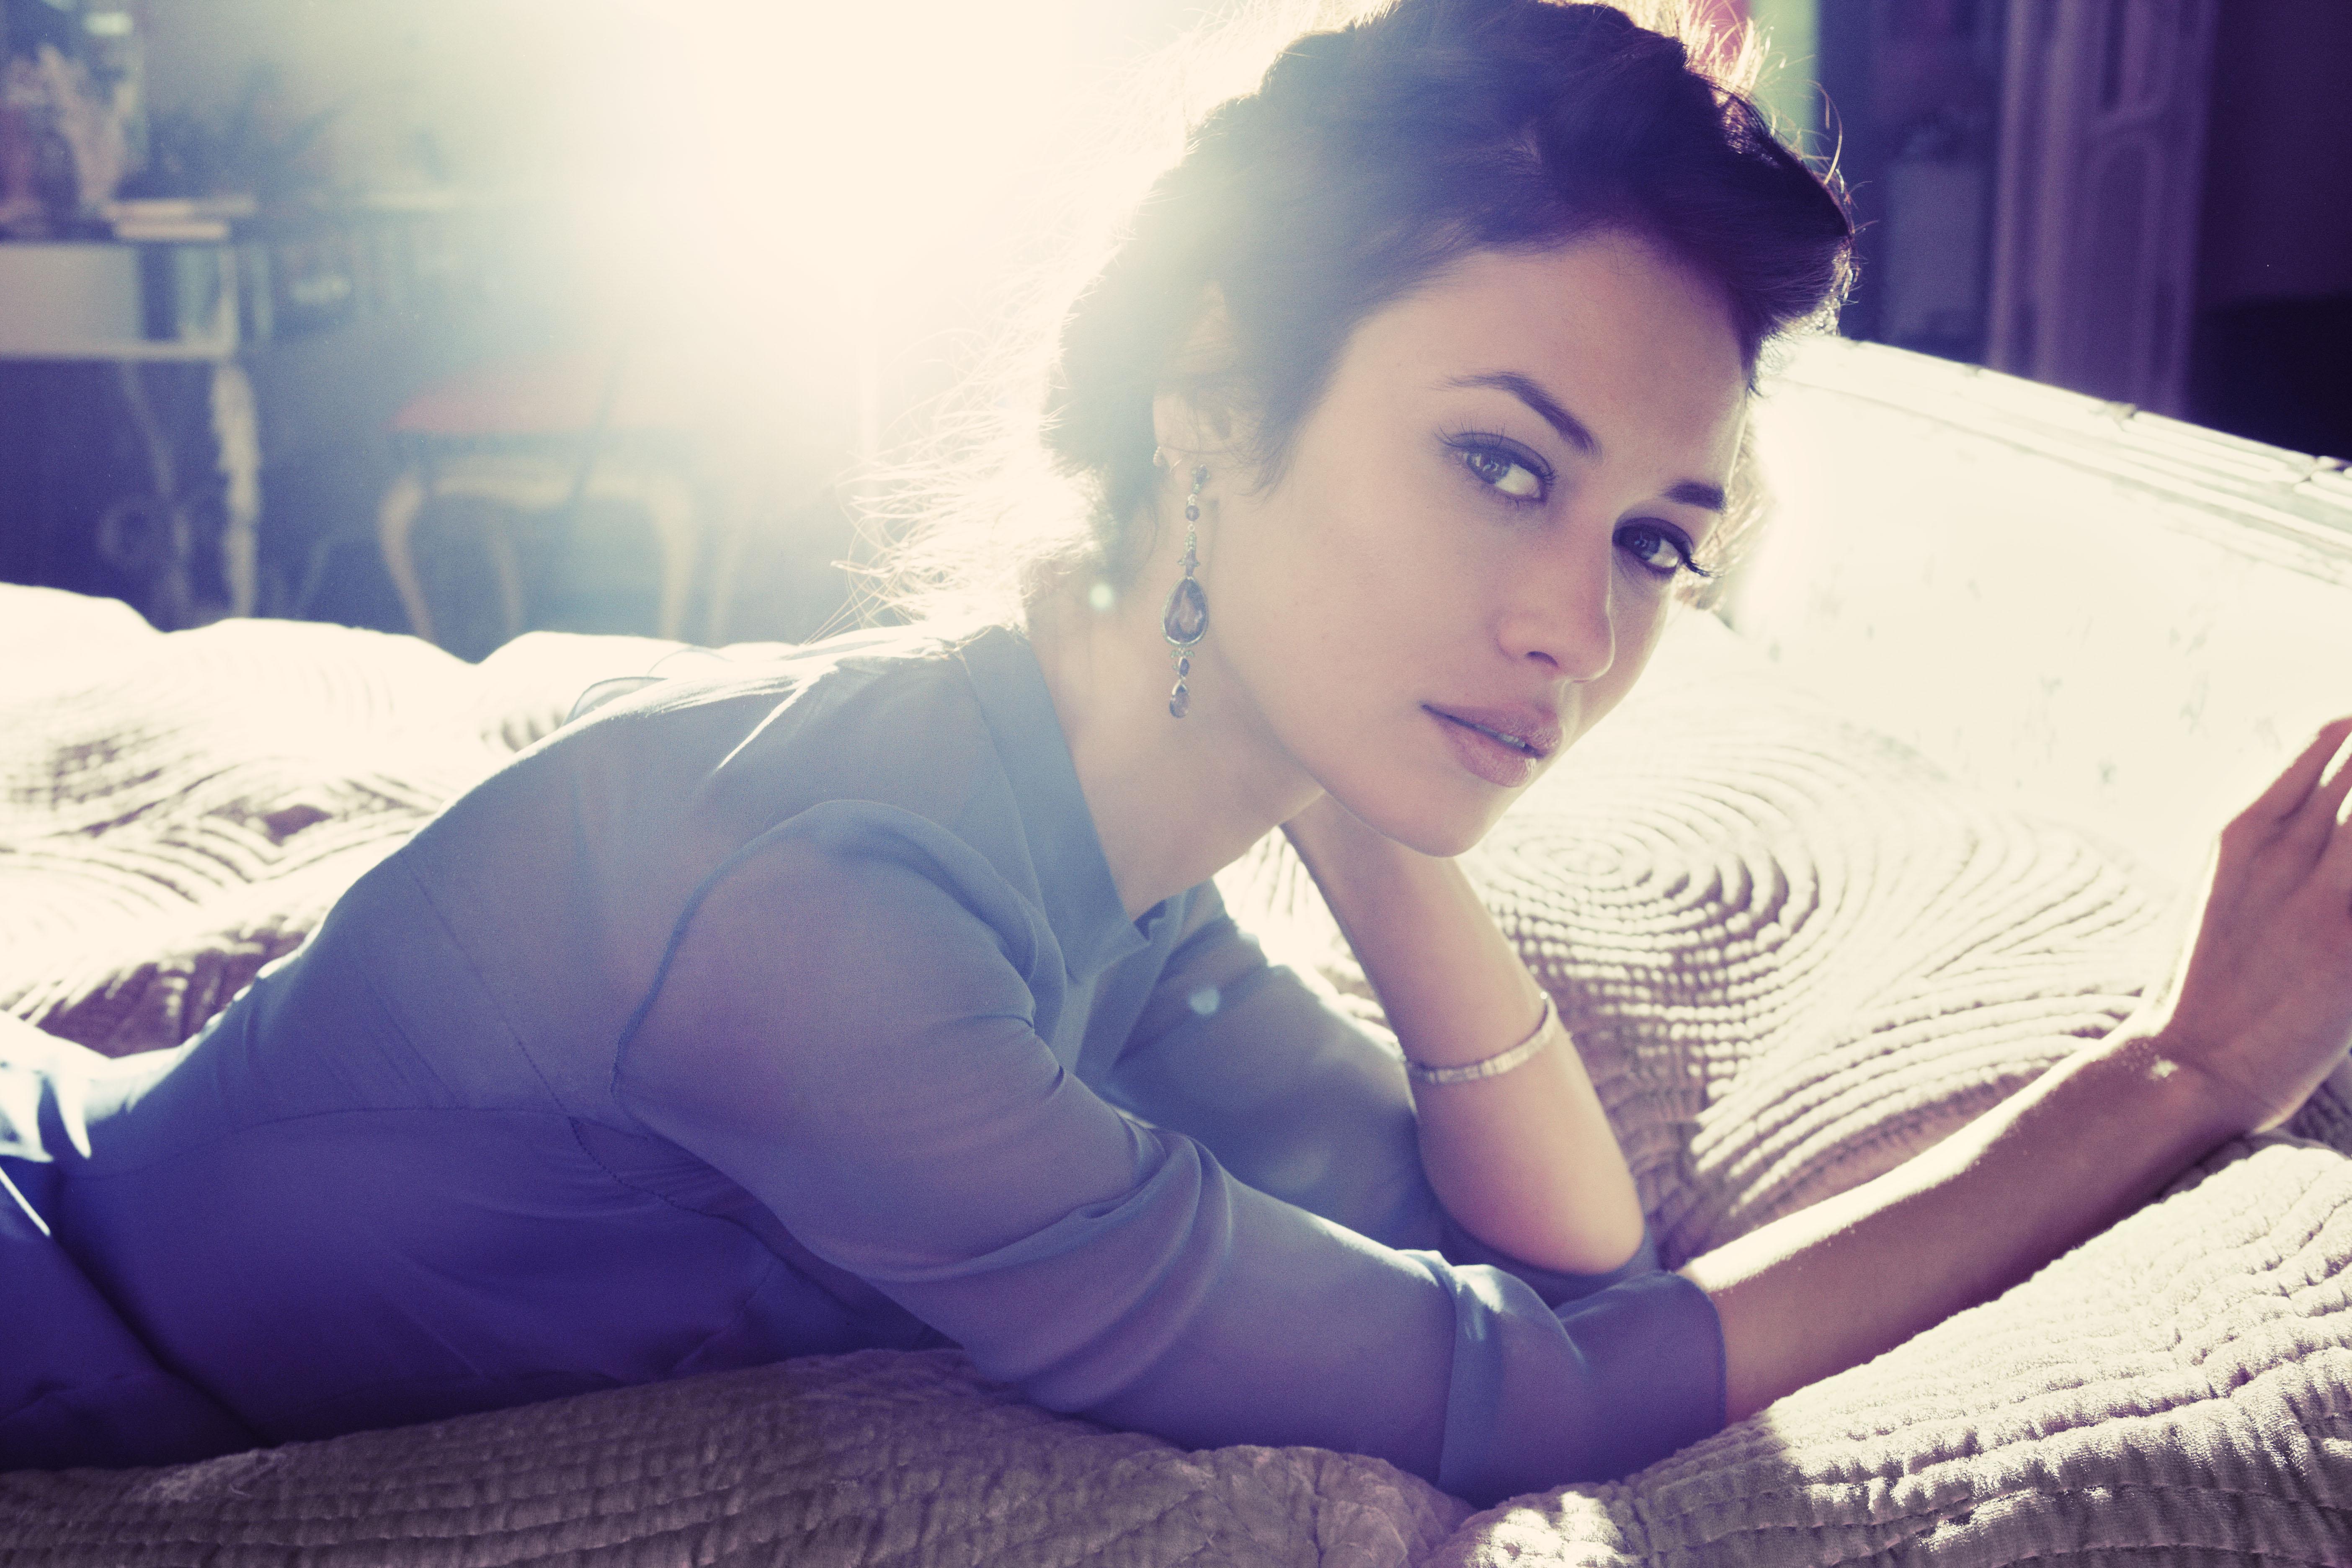 Kmalu se je pojavila na naslovnicah uglednih modnih revij (Glamour, Elle, Vogue …). Leta 2005 pa je debitirala v filmu.